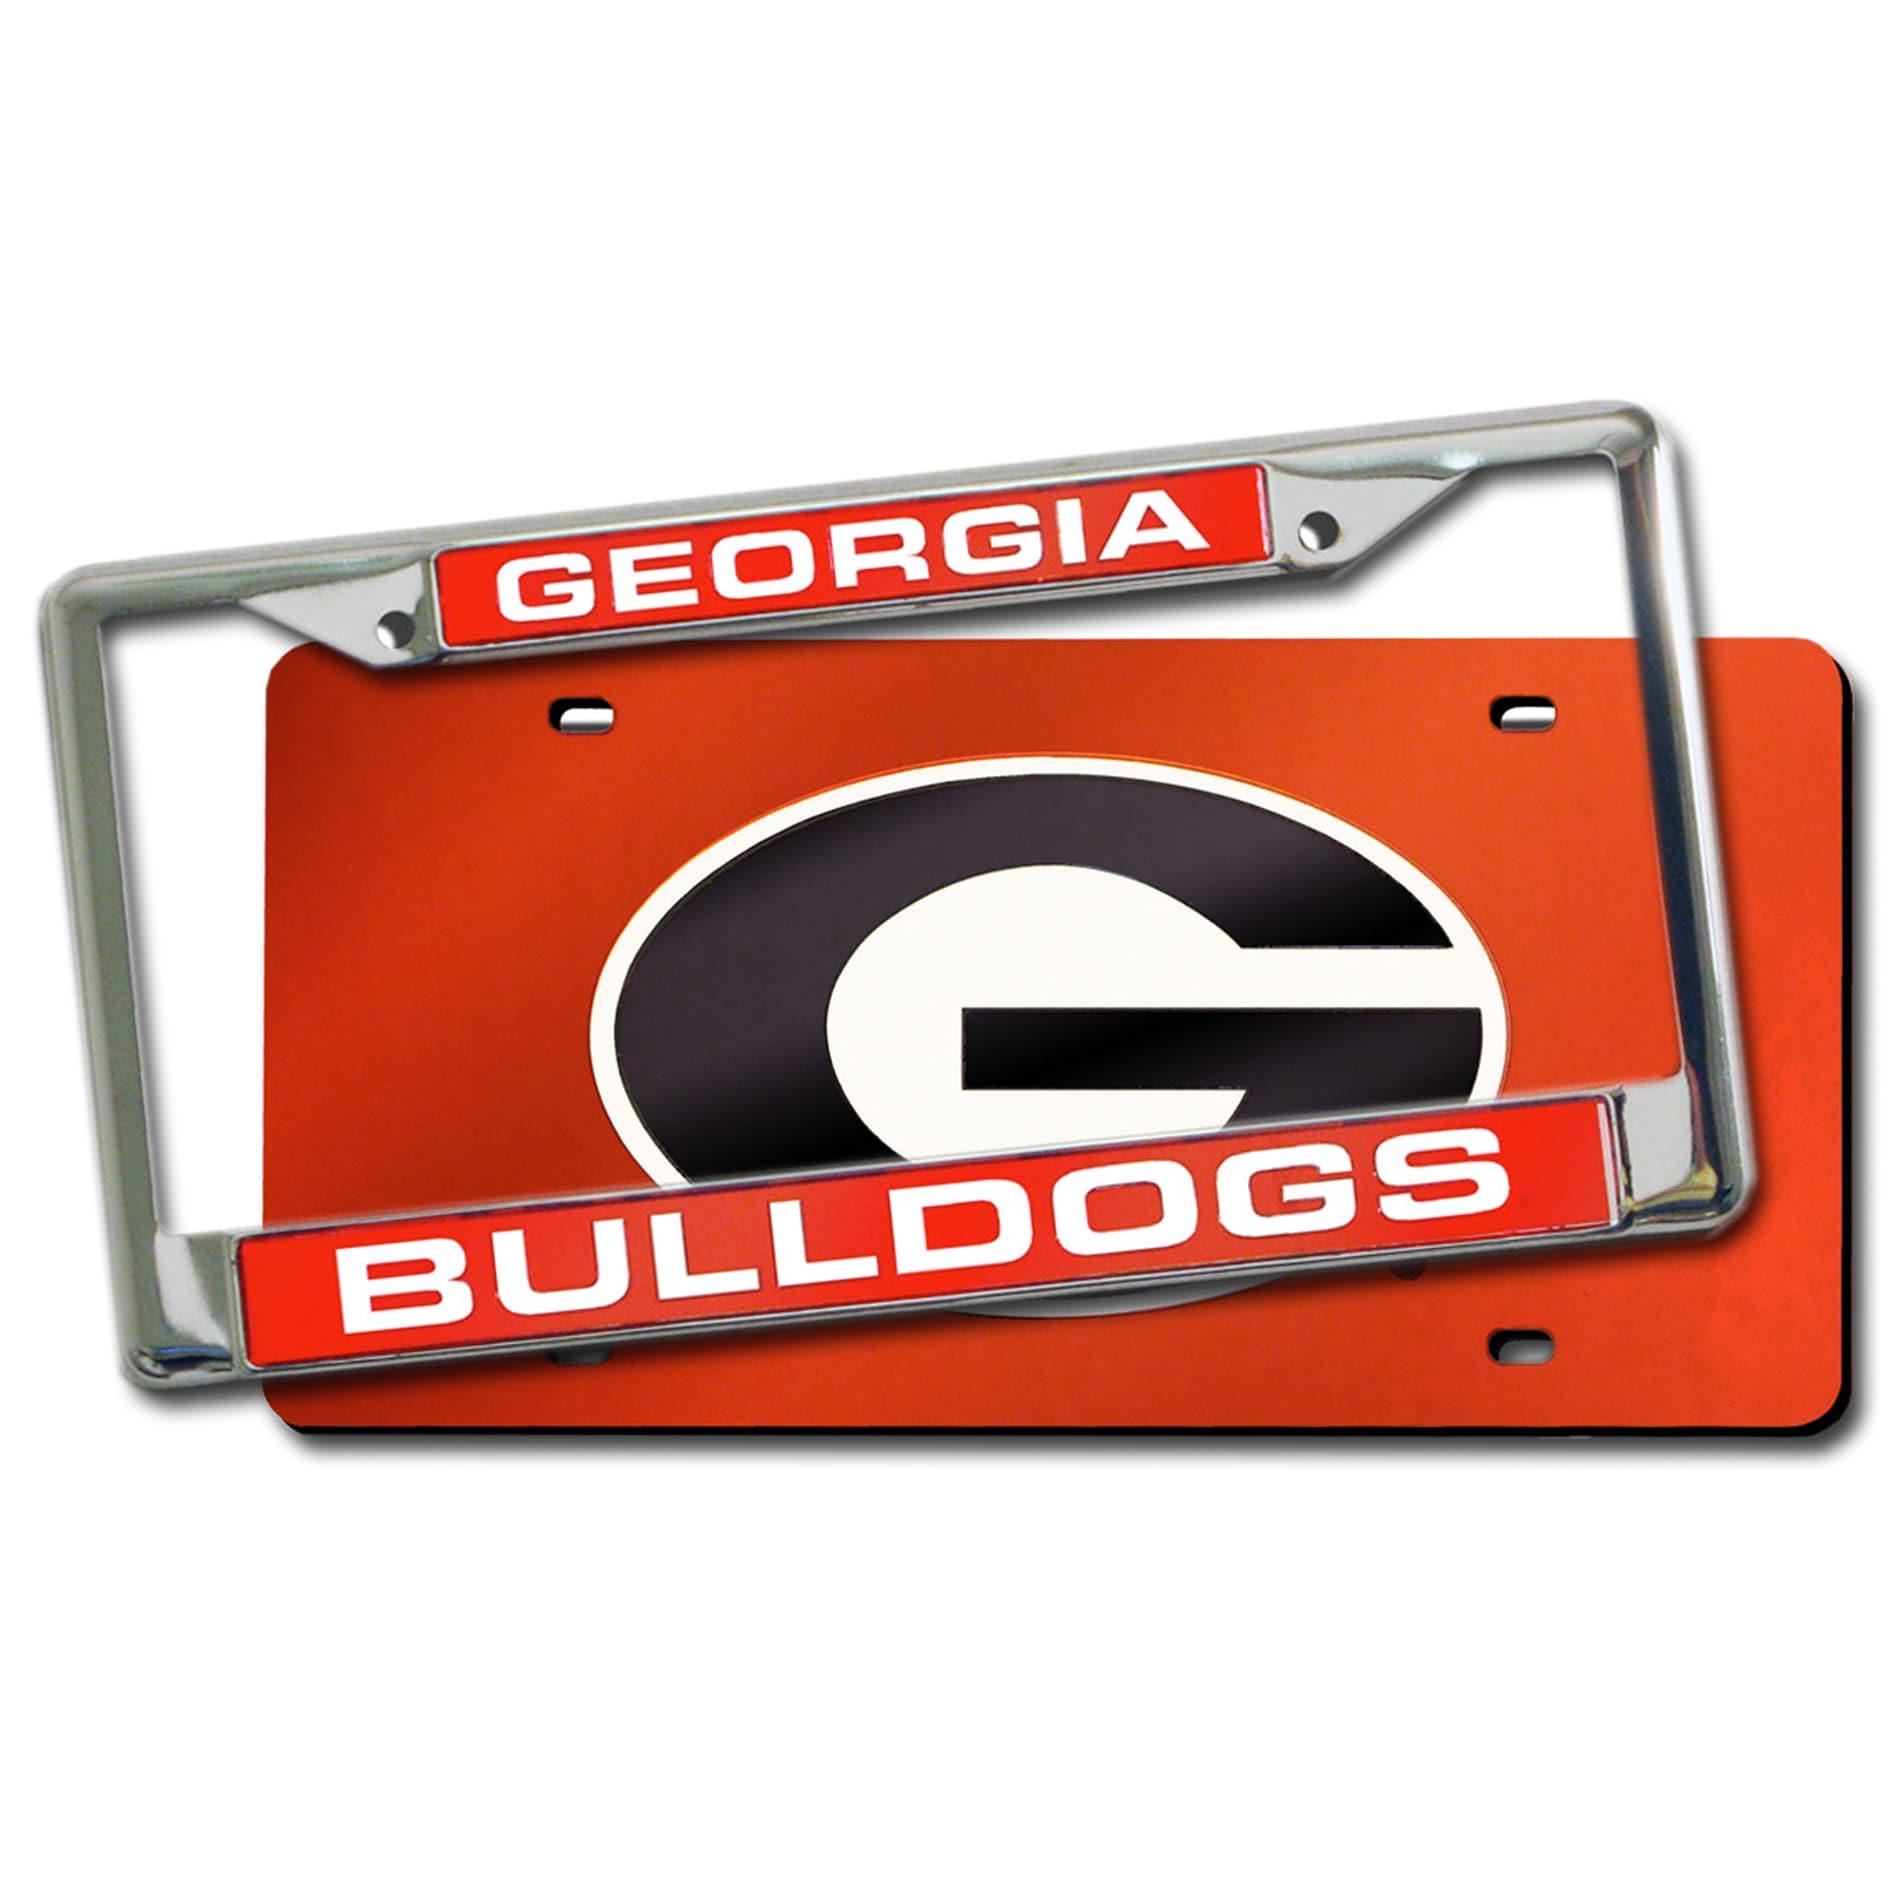 Georgia Bulldogs Laser Cut License Plate Pack